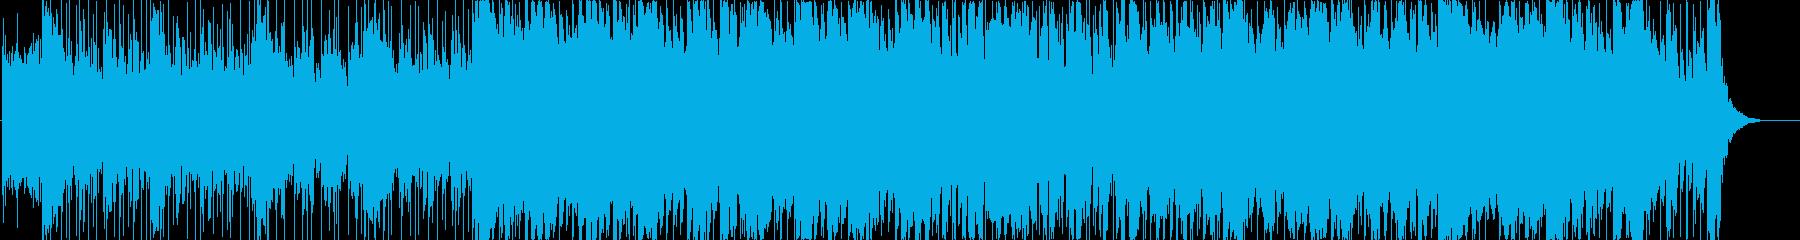 イベントのオープニングの再生済みの波形